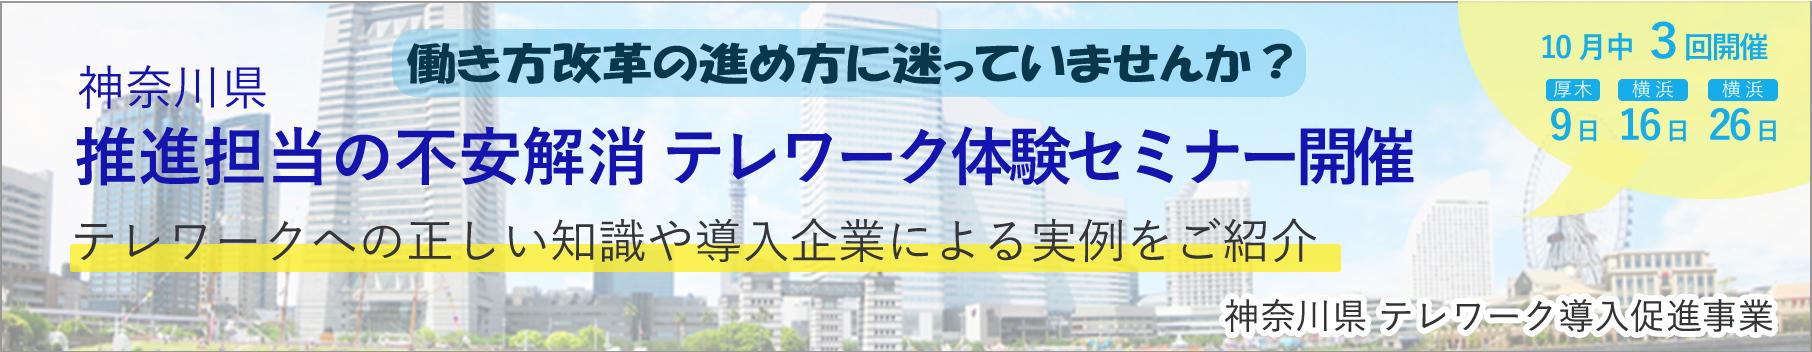 中小企業・経営視点のテレワーク体験セミナー開催│神奈川県テレワーク導入促進事業